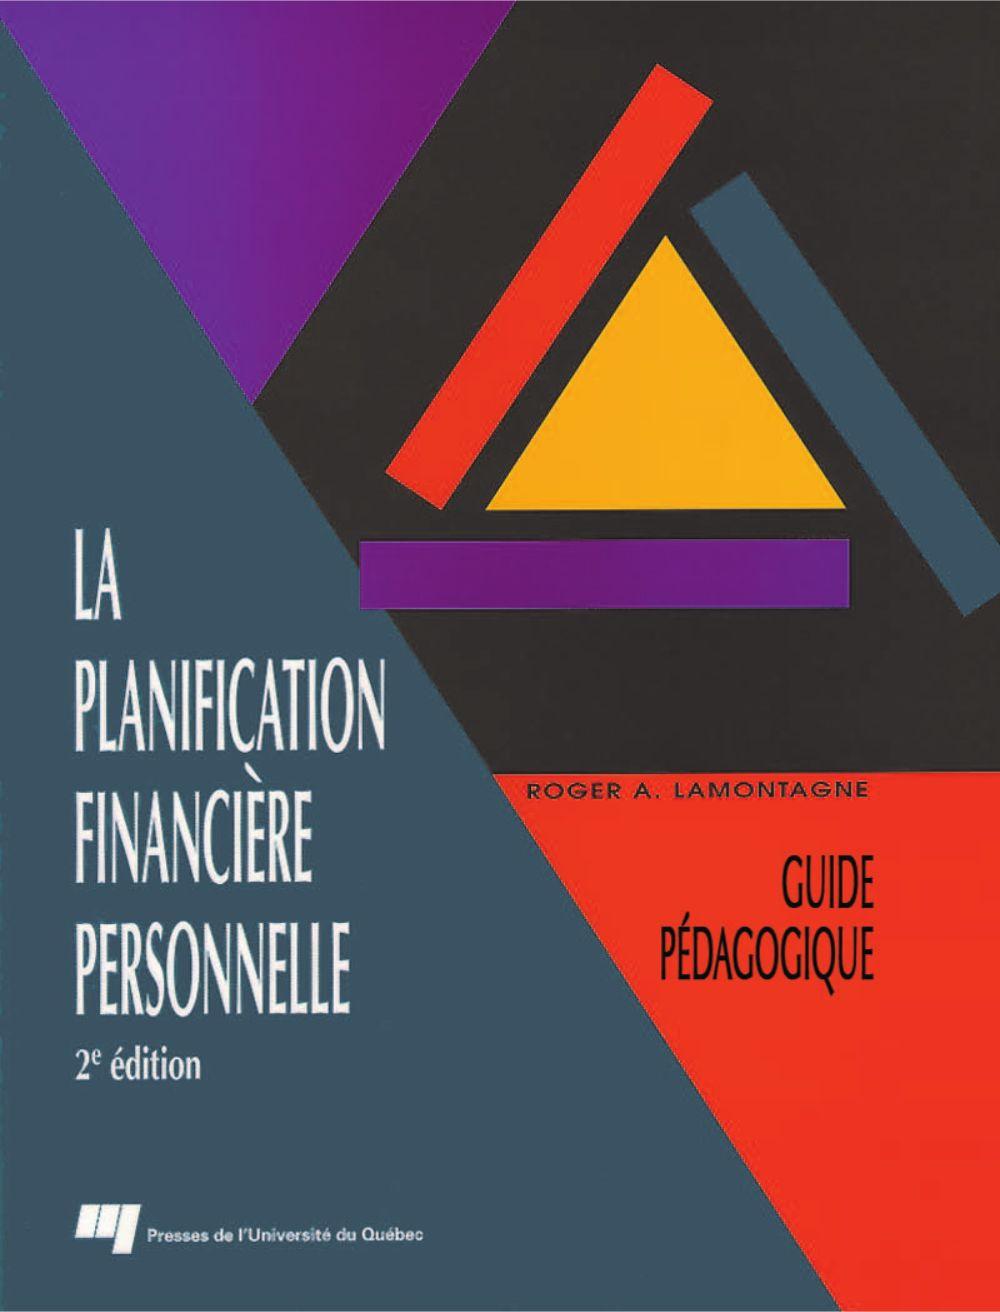 La planification financière personnelle, 2e édition